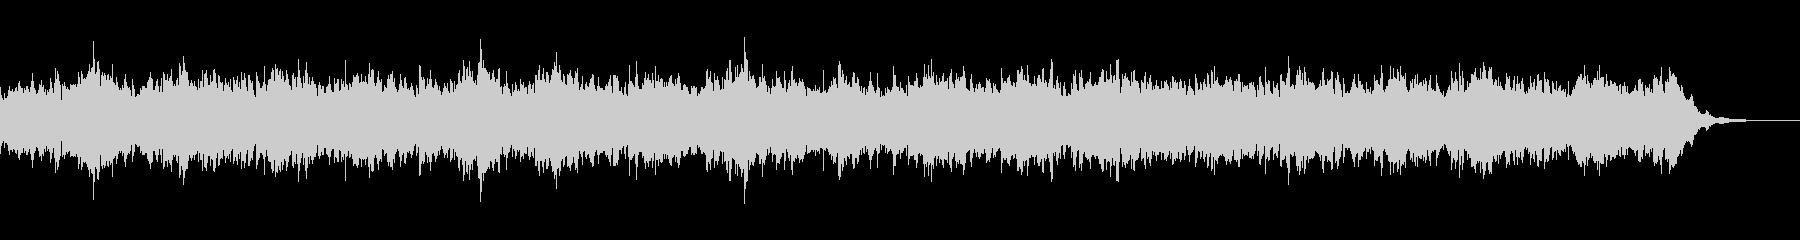 サウンドトラック-回想-の未再生の波形